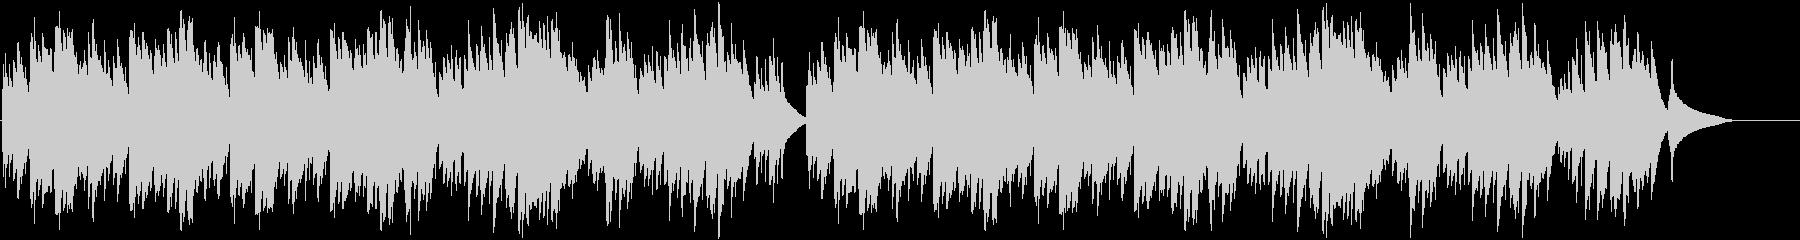 メルヘンでオルゴール調の綺麗な一曲の未再生の波形